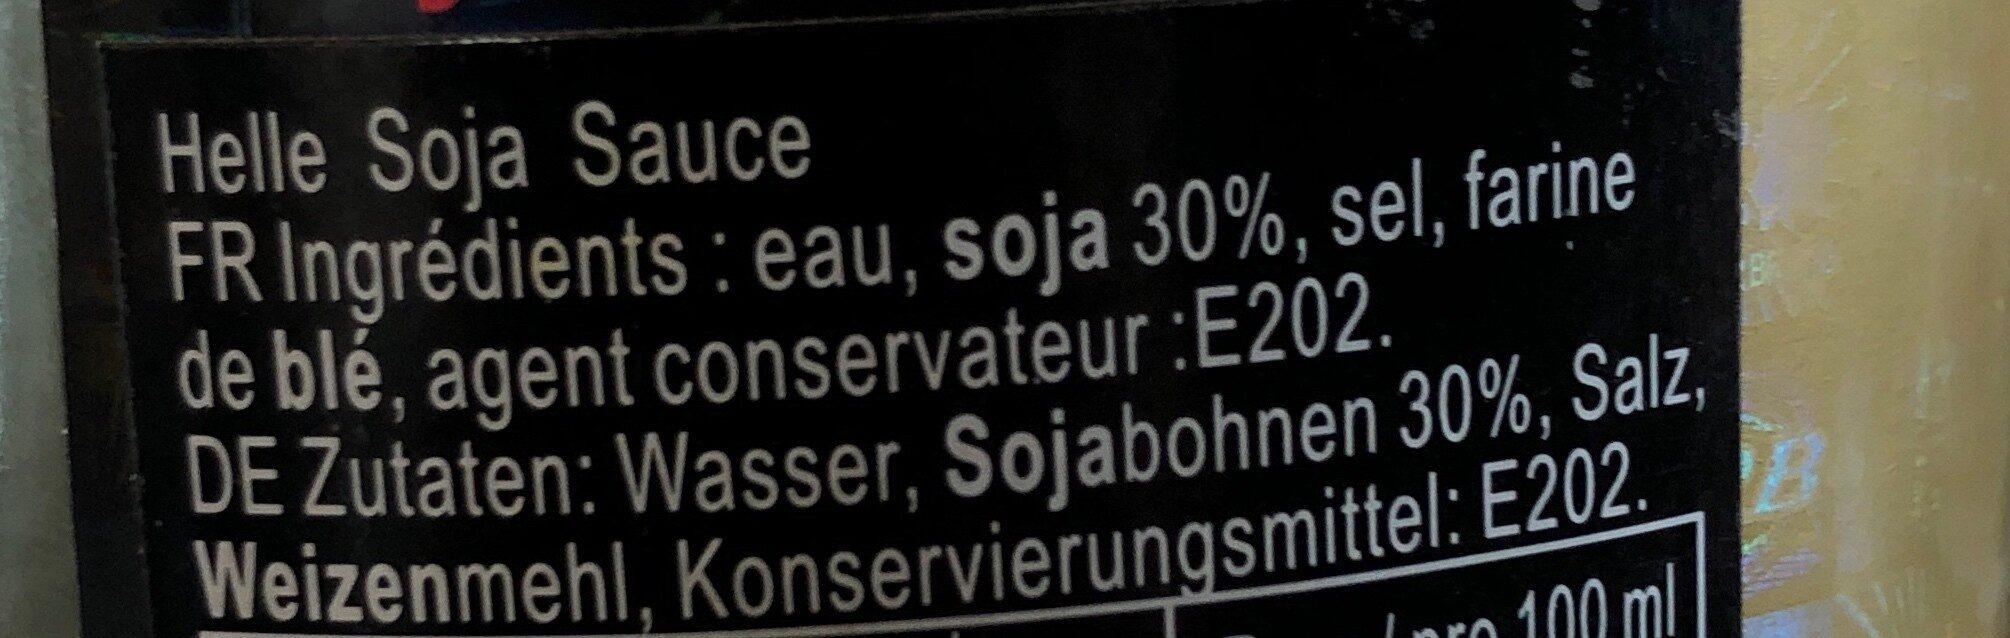 Sauce soja claire - Ingredients